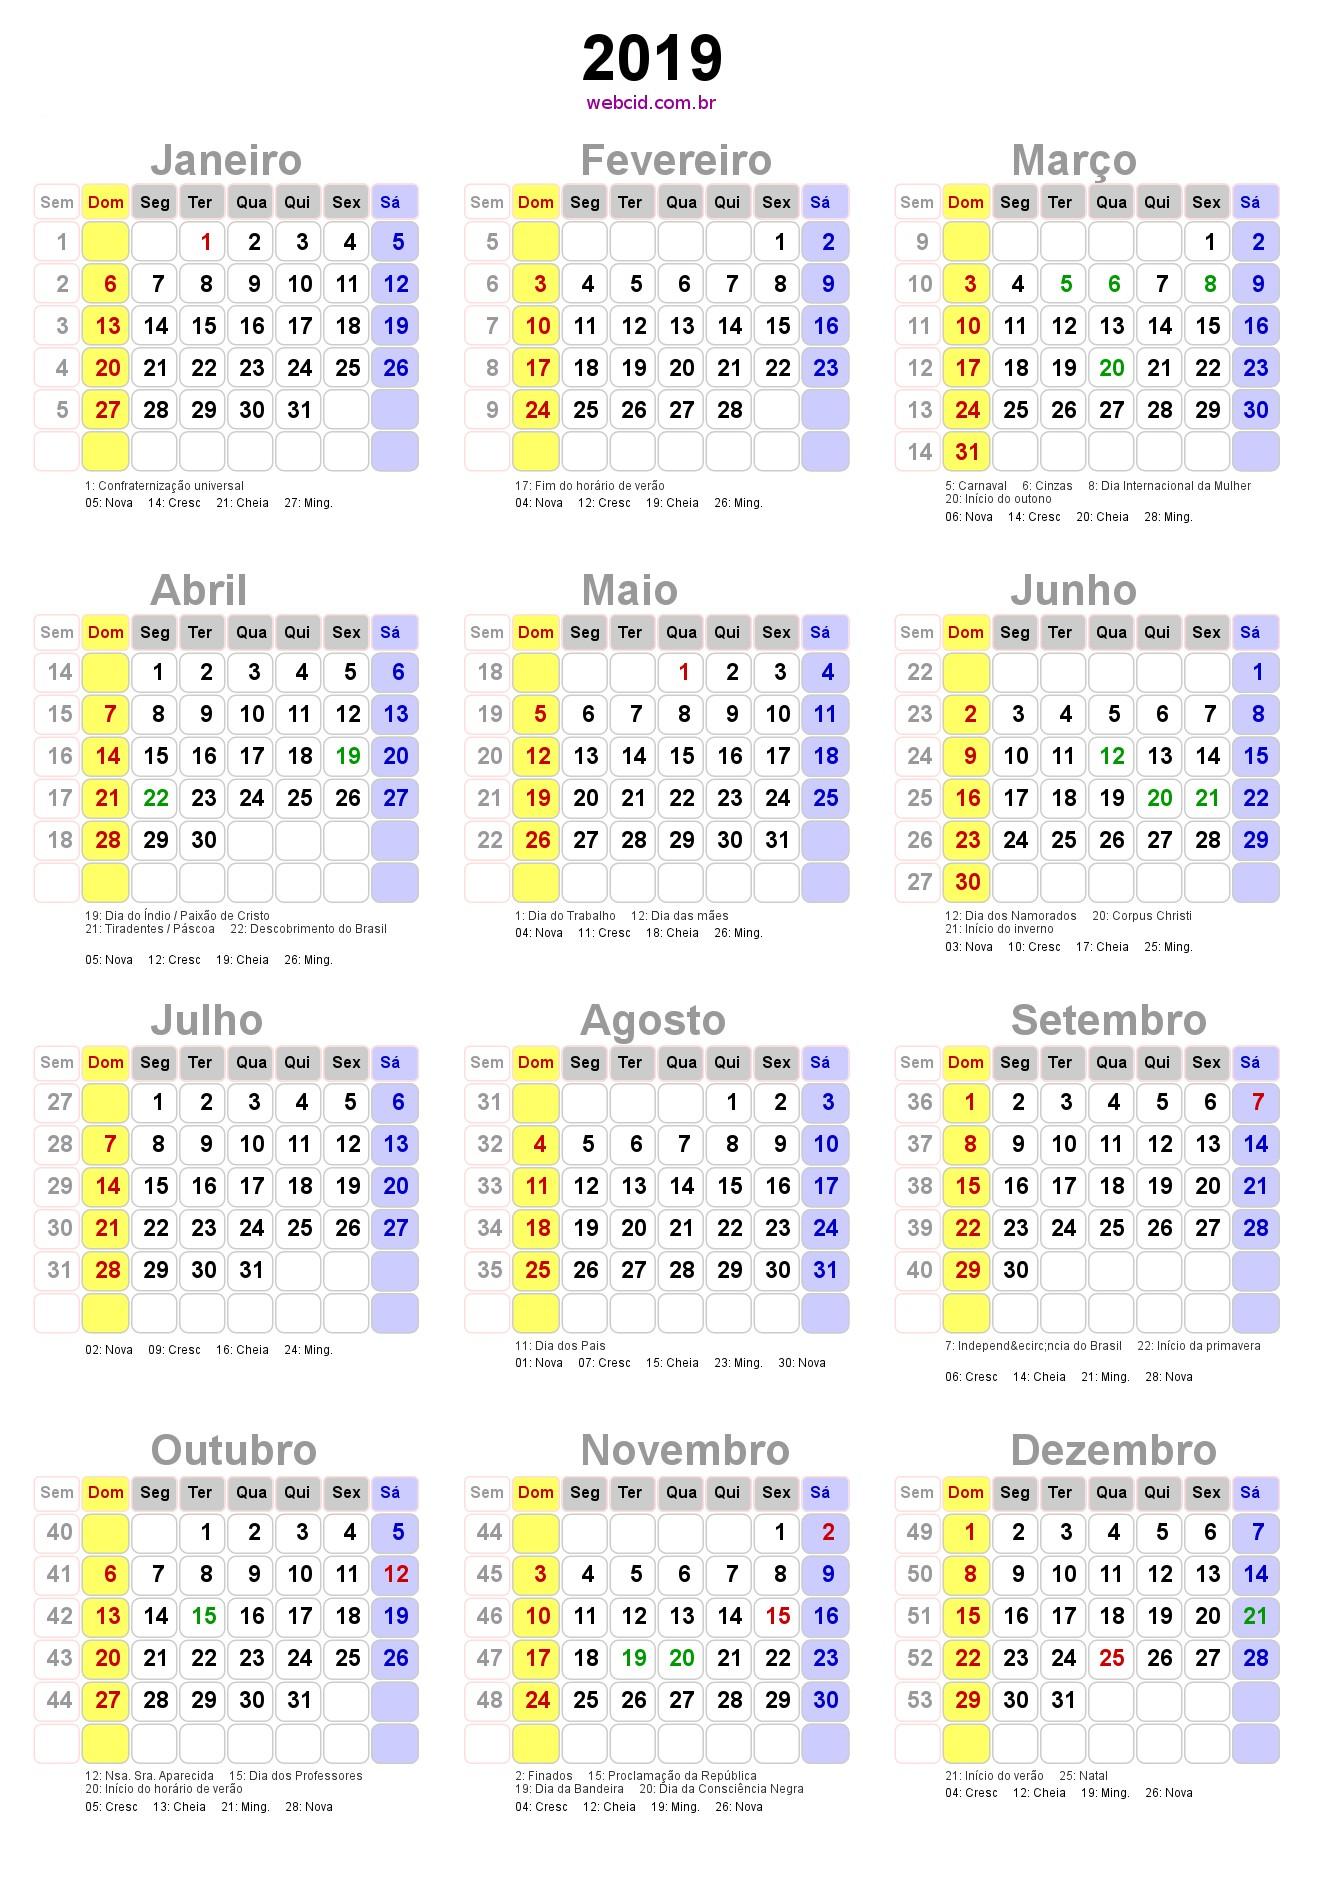 Calendario 2020 Febrero Para Imprimir Mejores Y Más Novedosos Calendario 2019 Br Arparis Of Calendario 2020 Febrero Para Imprimir Más Caliente Noticias Calendario 2017 Para Imprimir Michelzbinden